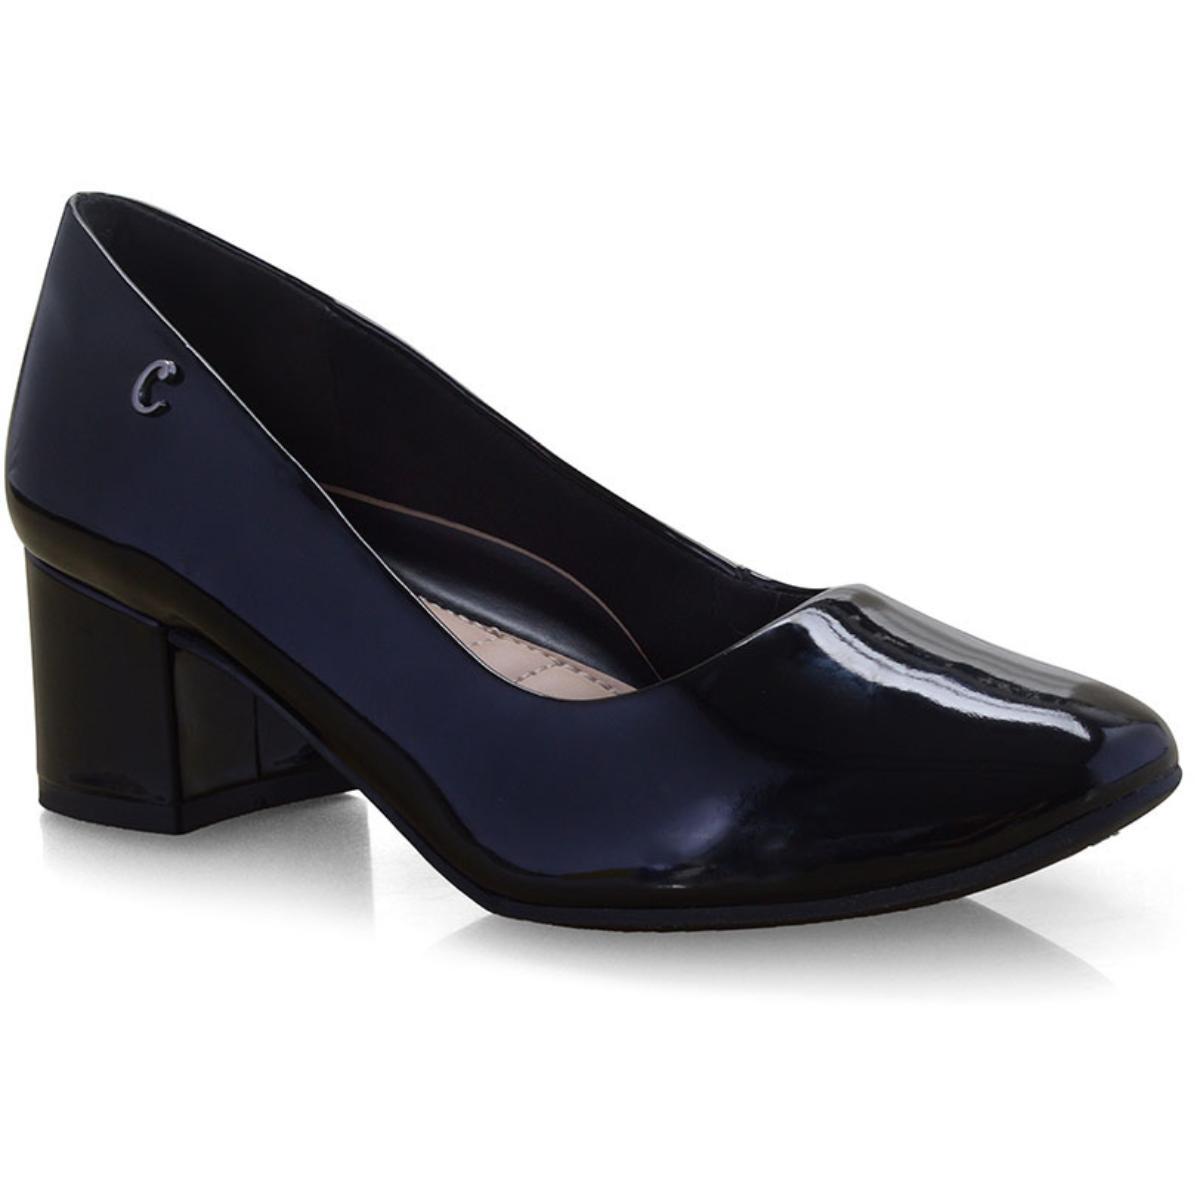 Sapato Feminino Campesi L6543 Preto